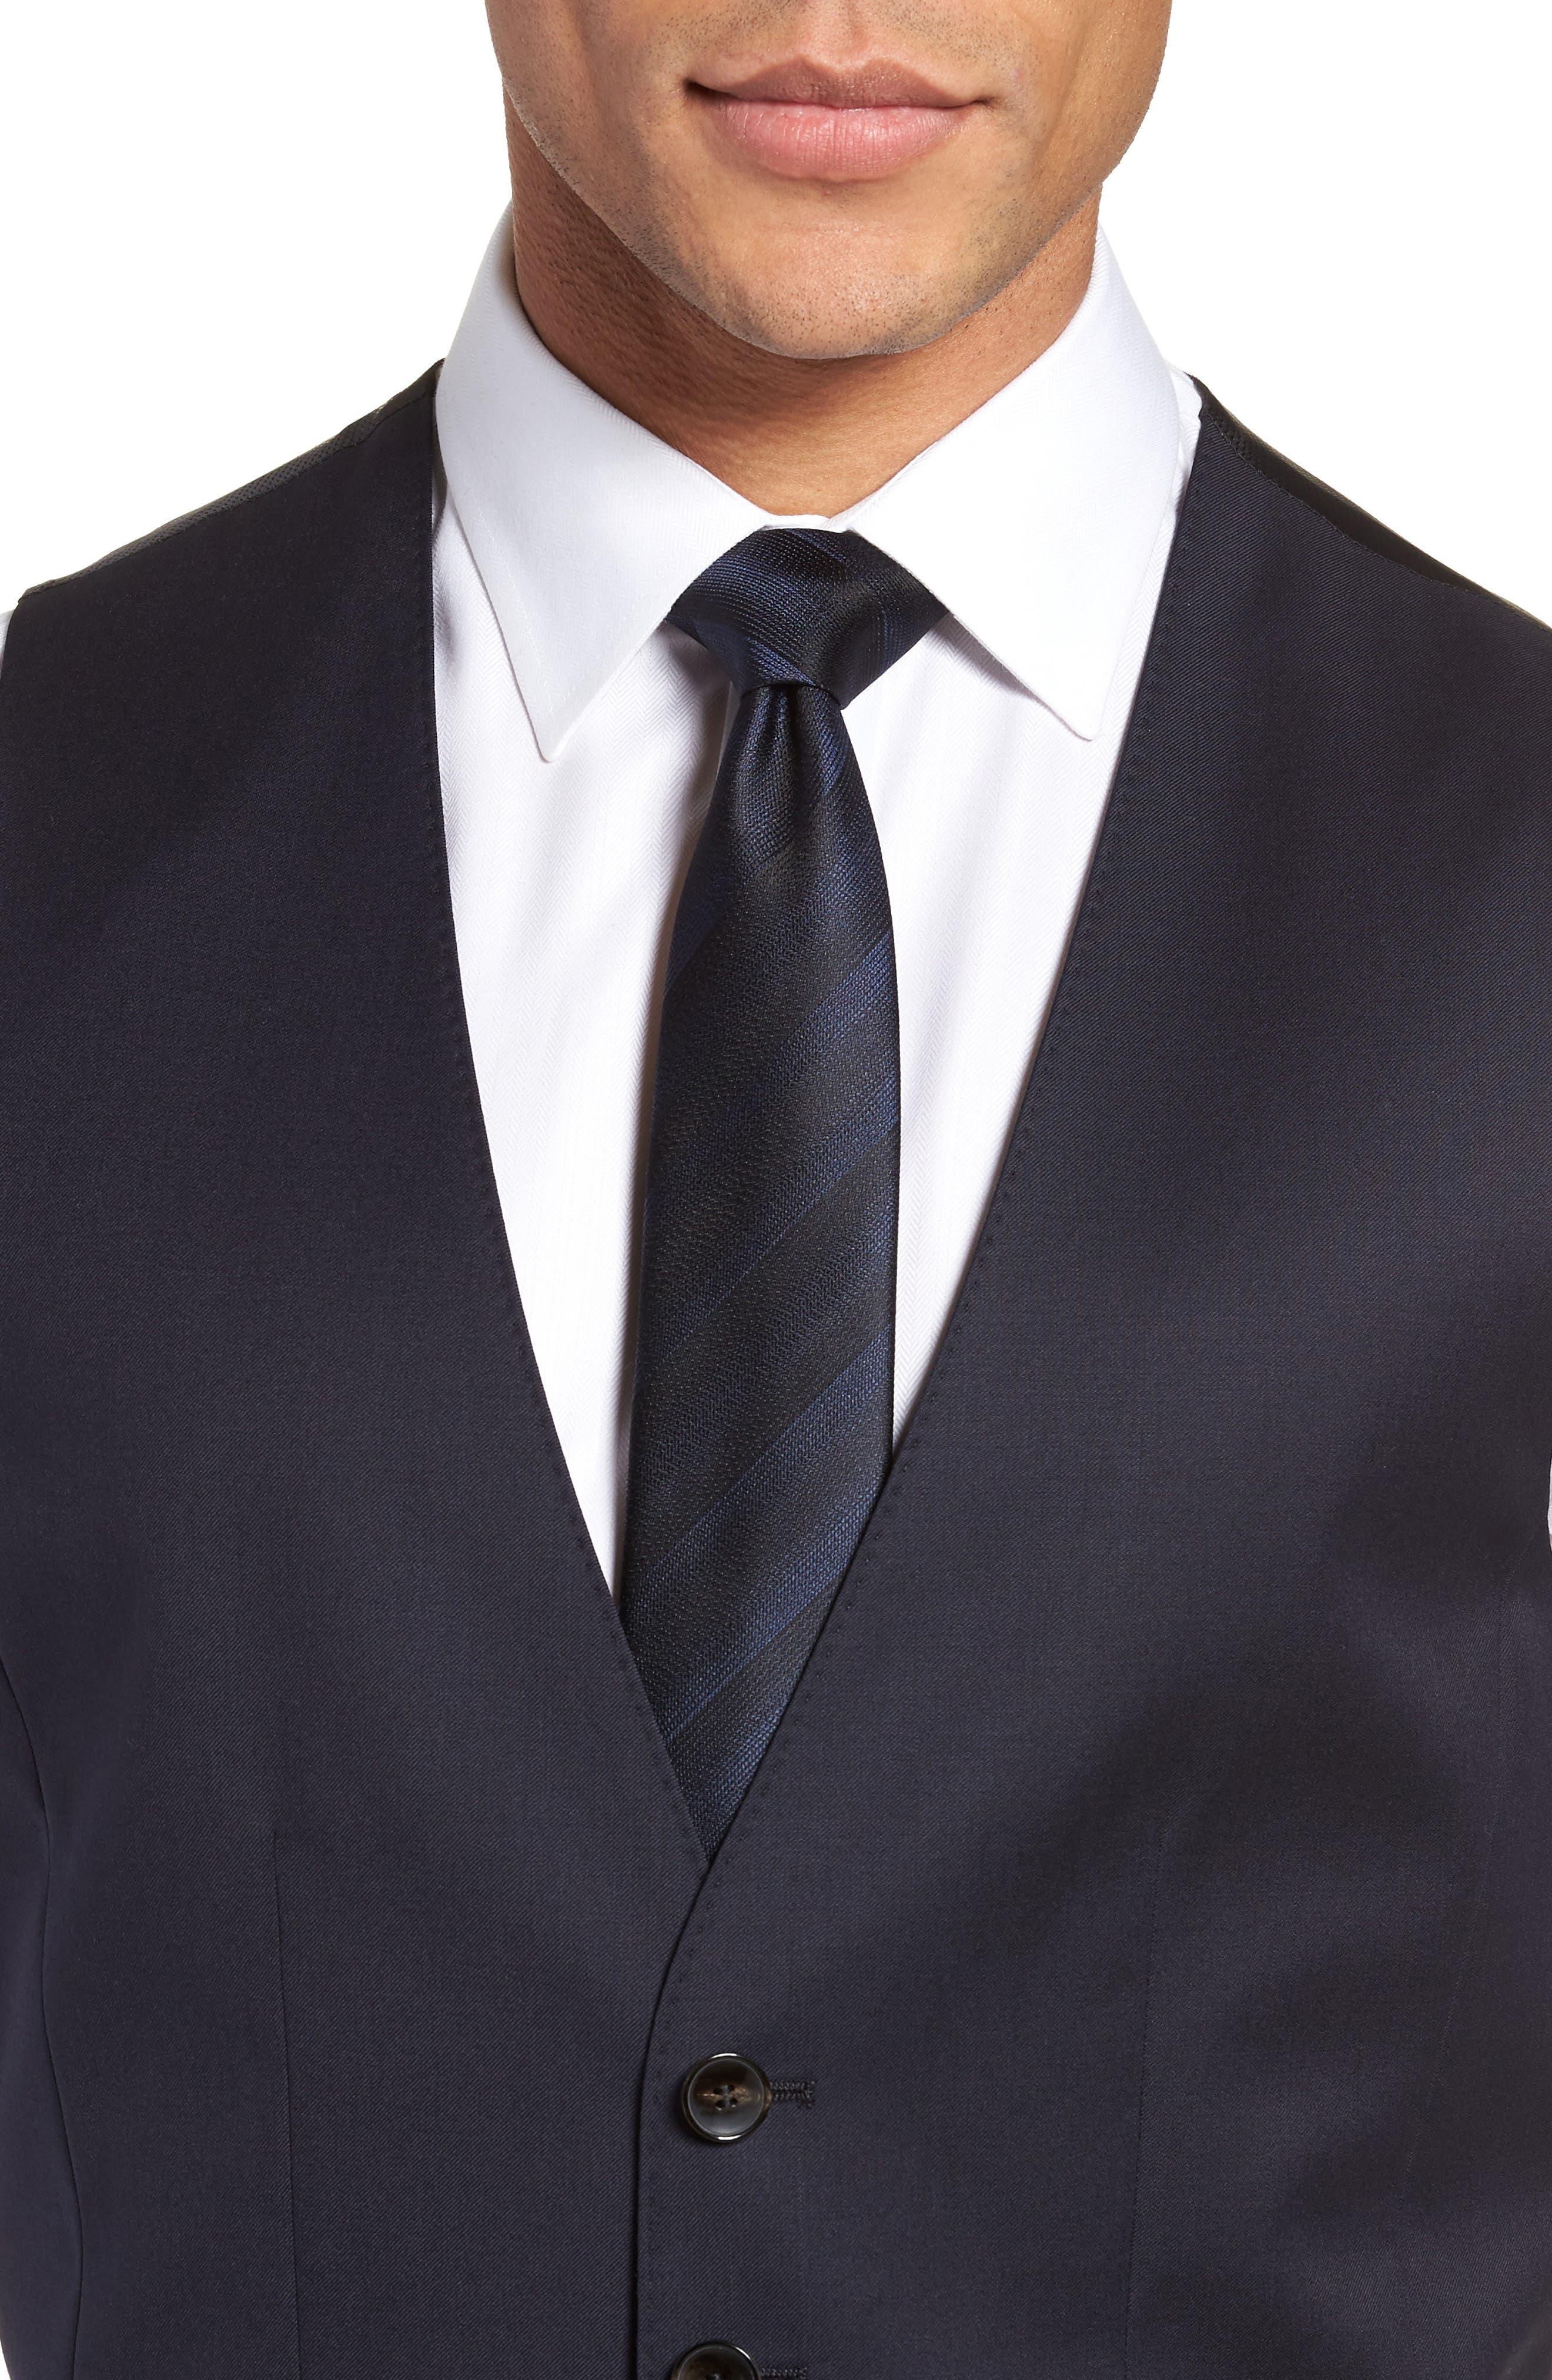 Wilson CYL Trim Fit Vest,                             Alternate thumbnail 4, color,                             Dark Blue